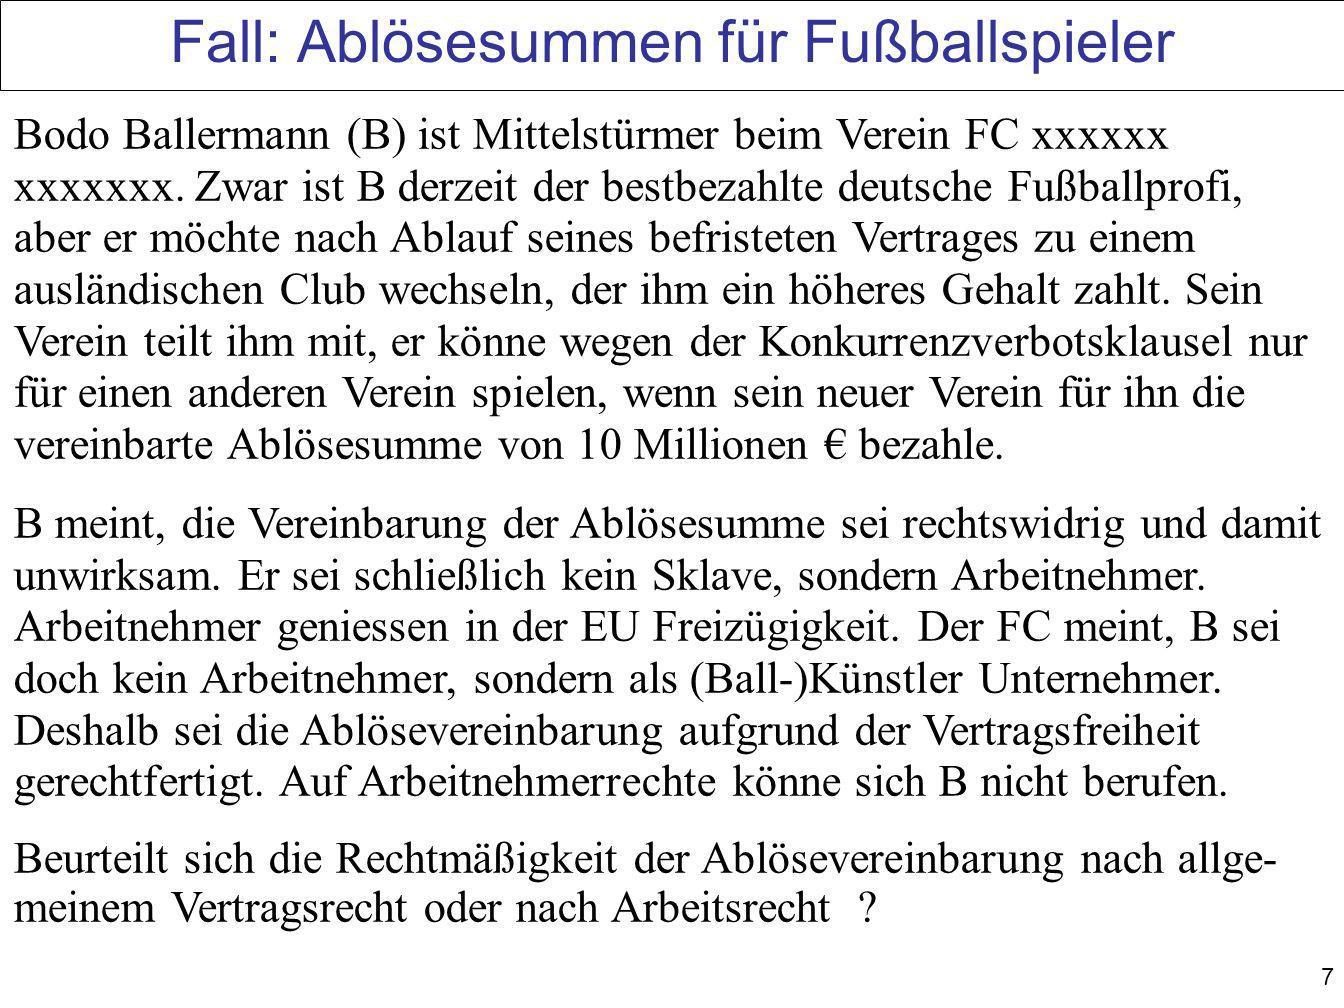 Fall: Ablösesummen für Fußballspieler